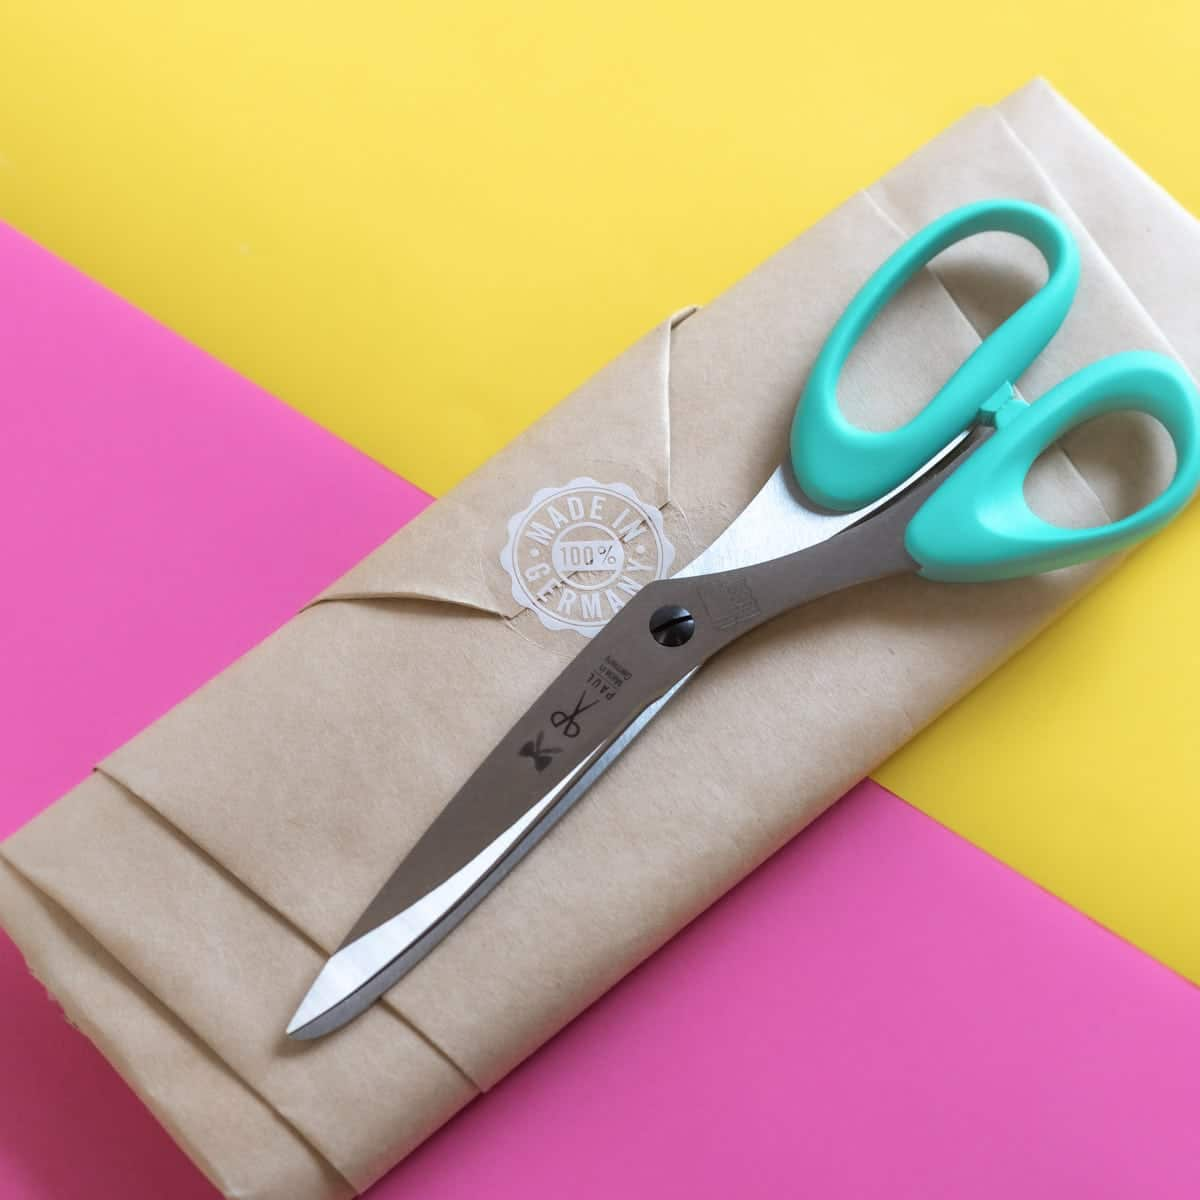 linkshänderschere stoff papier türkis schnittenliebe